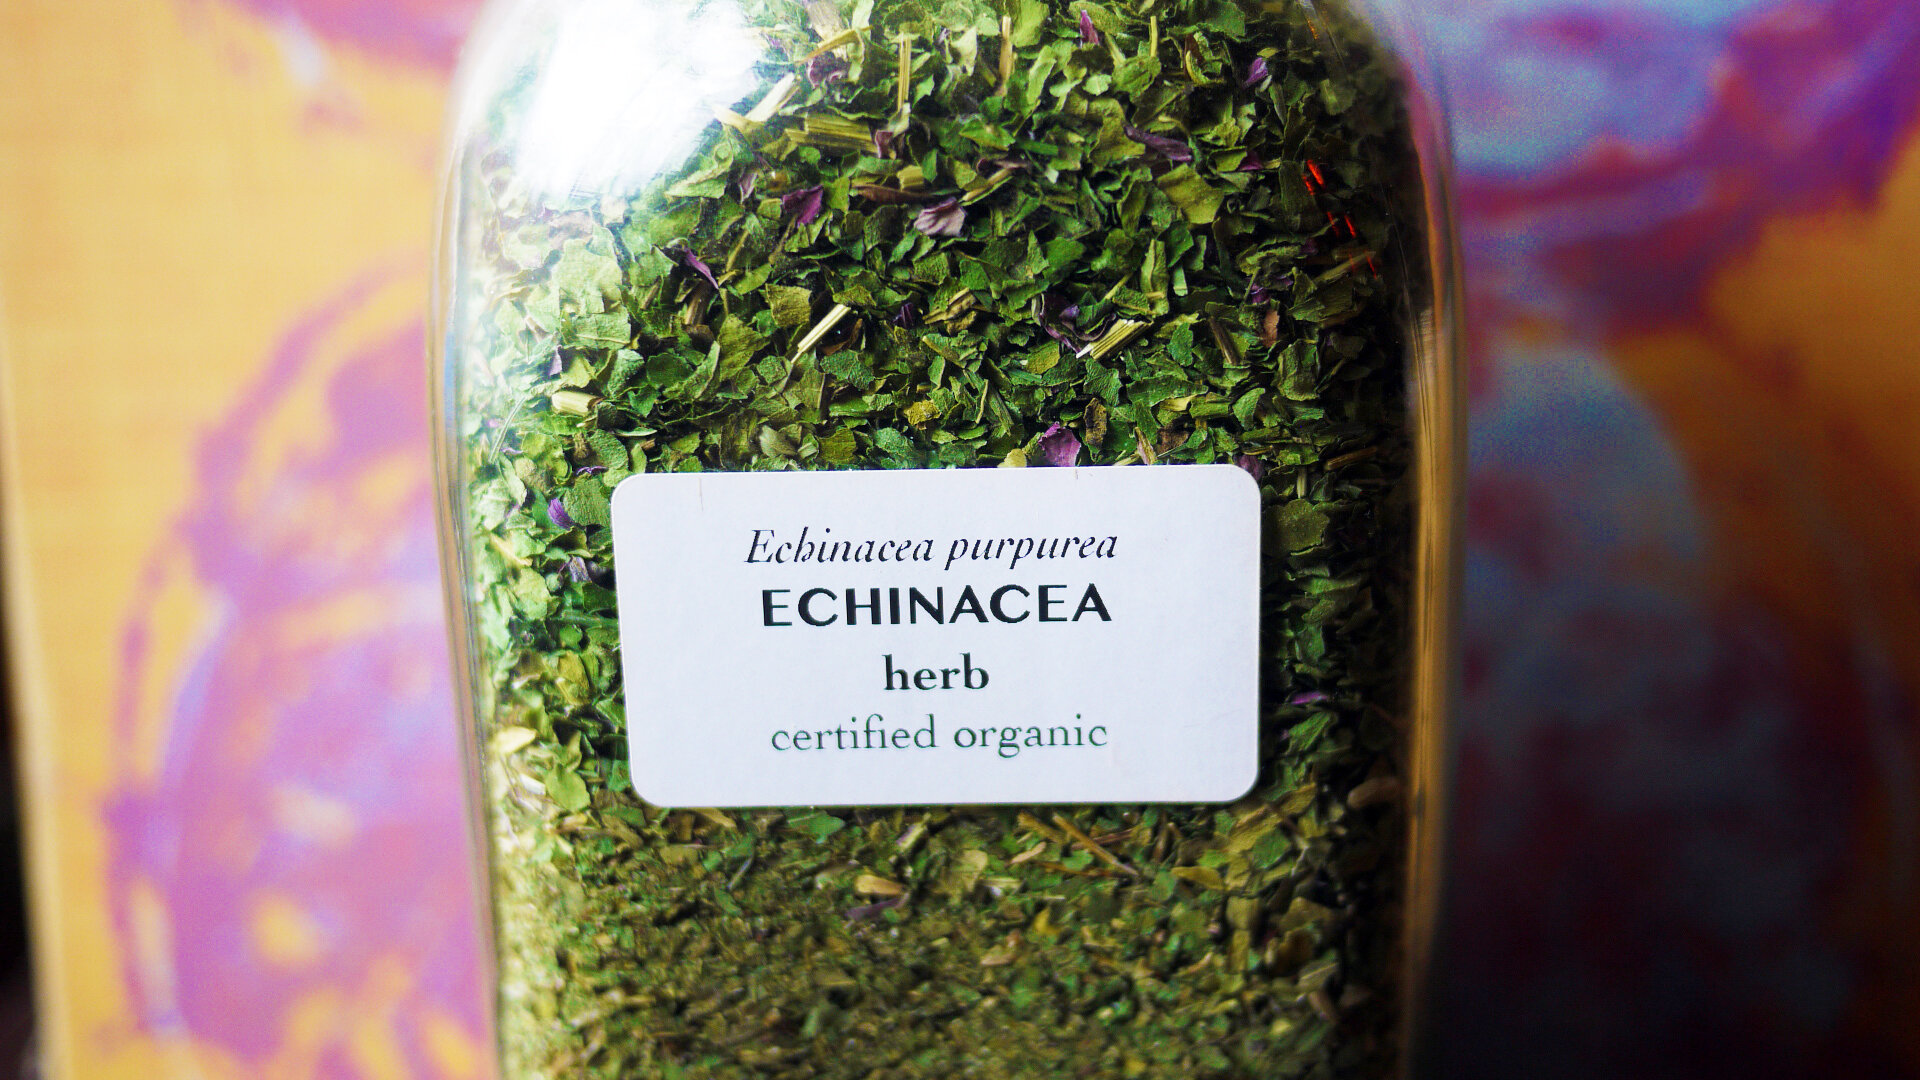 Echinaceaherb.jpg